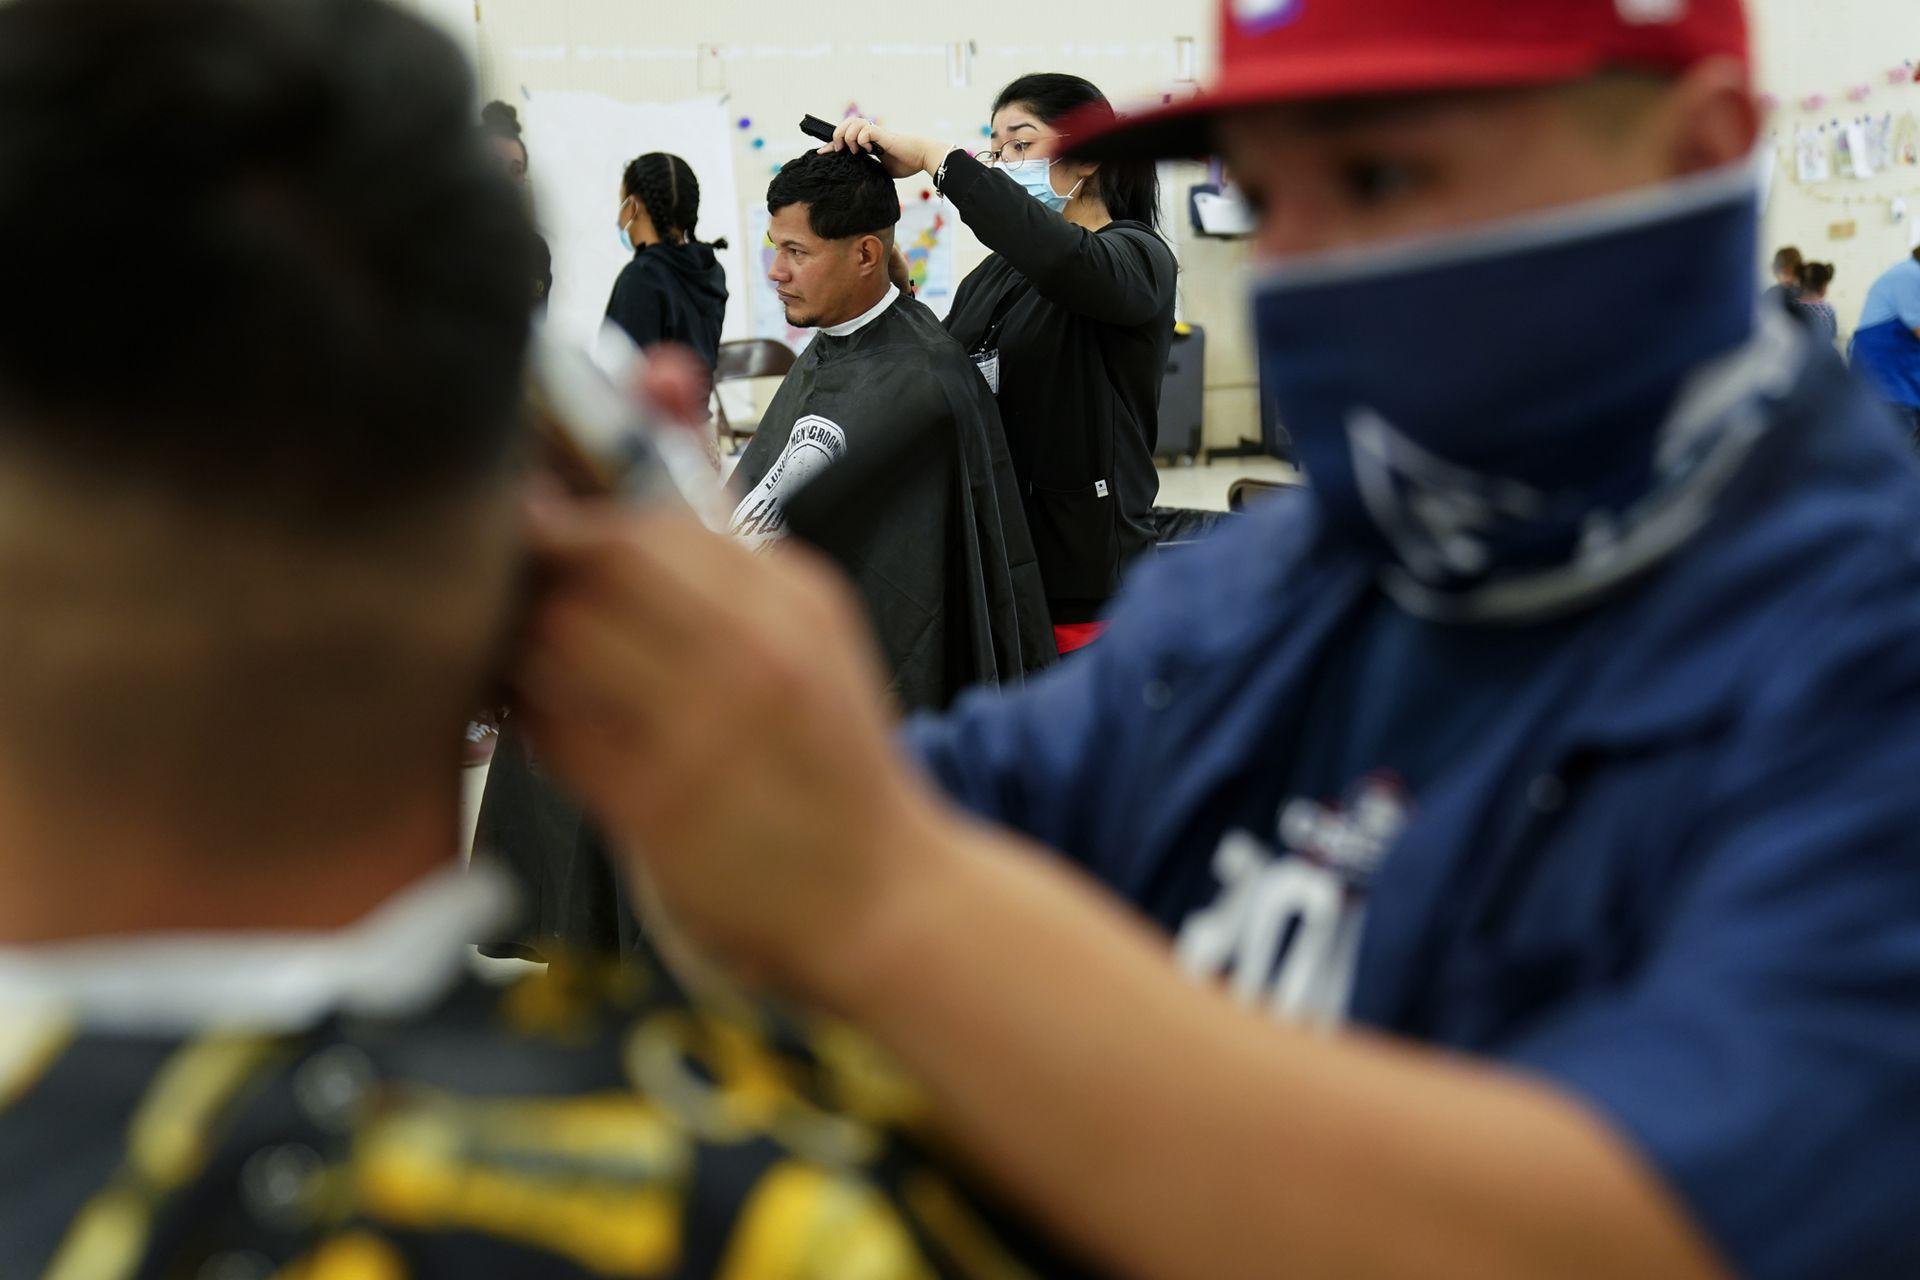 Inmigrantes cortan el pelo en un refugio ubicado en McAllen, en Texas